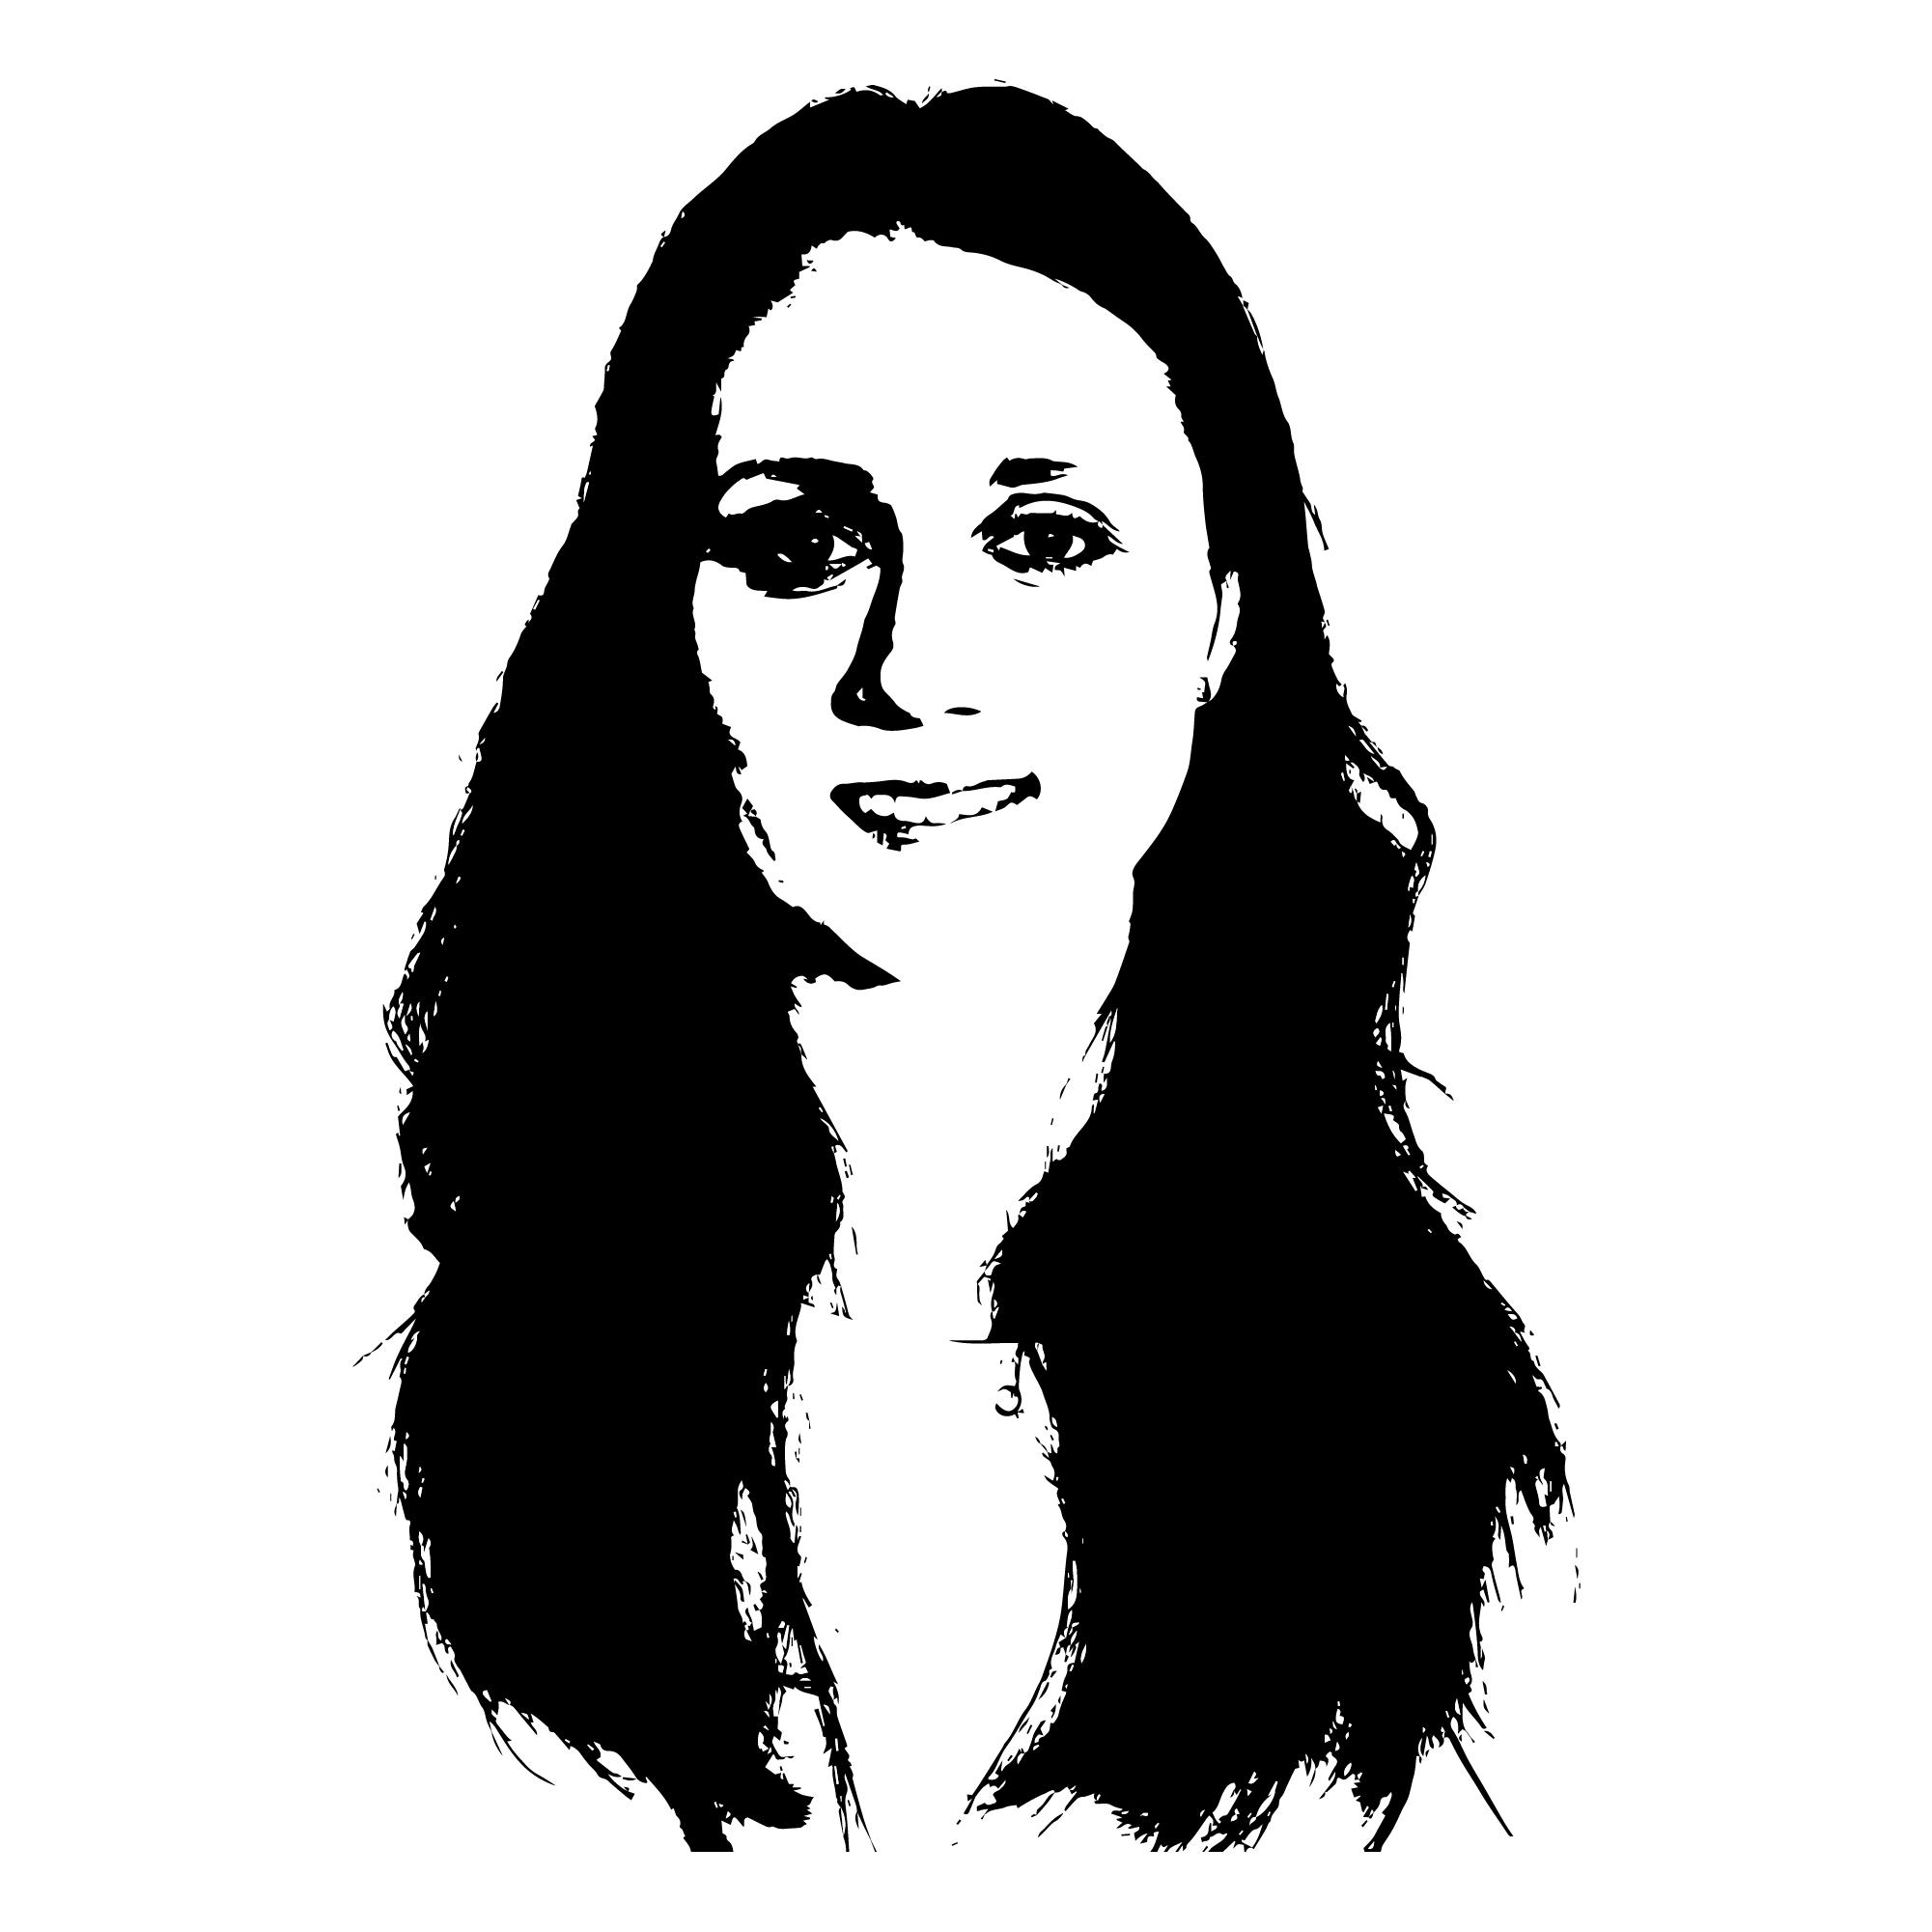 czarno-biały stylizowany portret tłumaczki Olgi Świncickiej. Głowa na białym tle. To młoda dziewczyna z długimi, ciemnymi włosami. Jest uśmiechnięta.